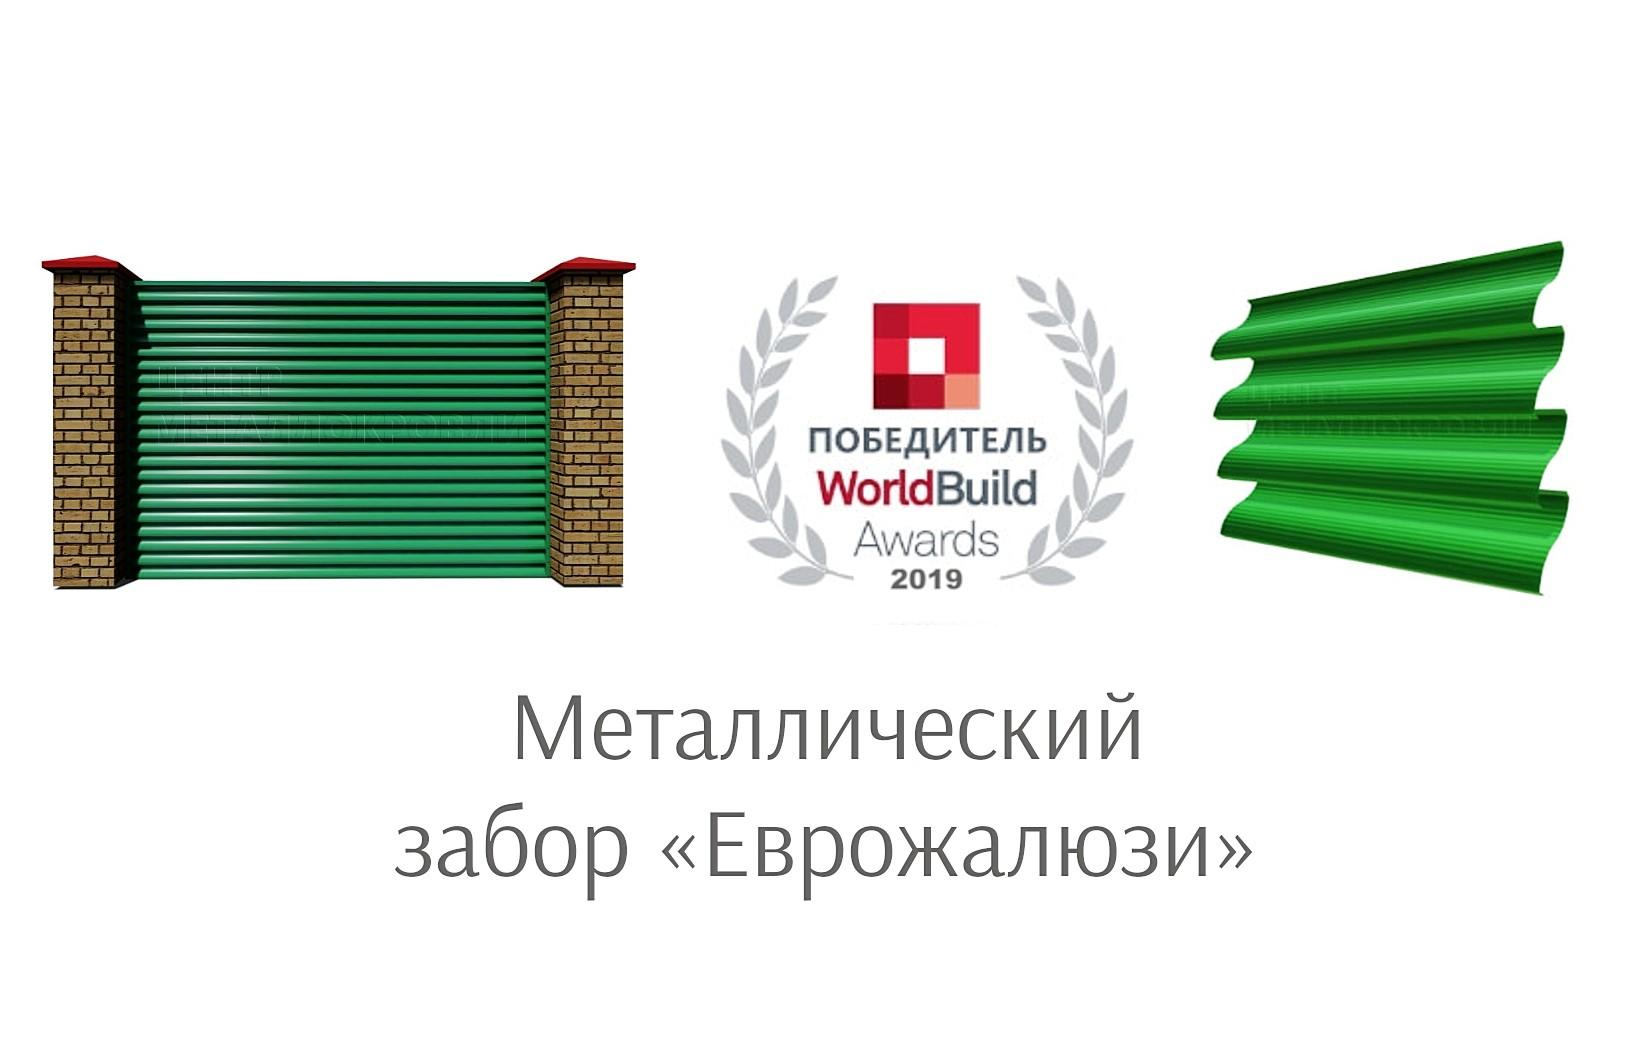 Продукция победитель диплом выставка евроштакетник еврожалюзи WorldBuild - 4